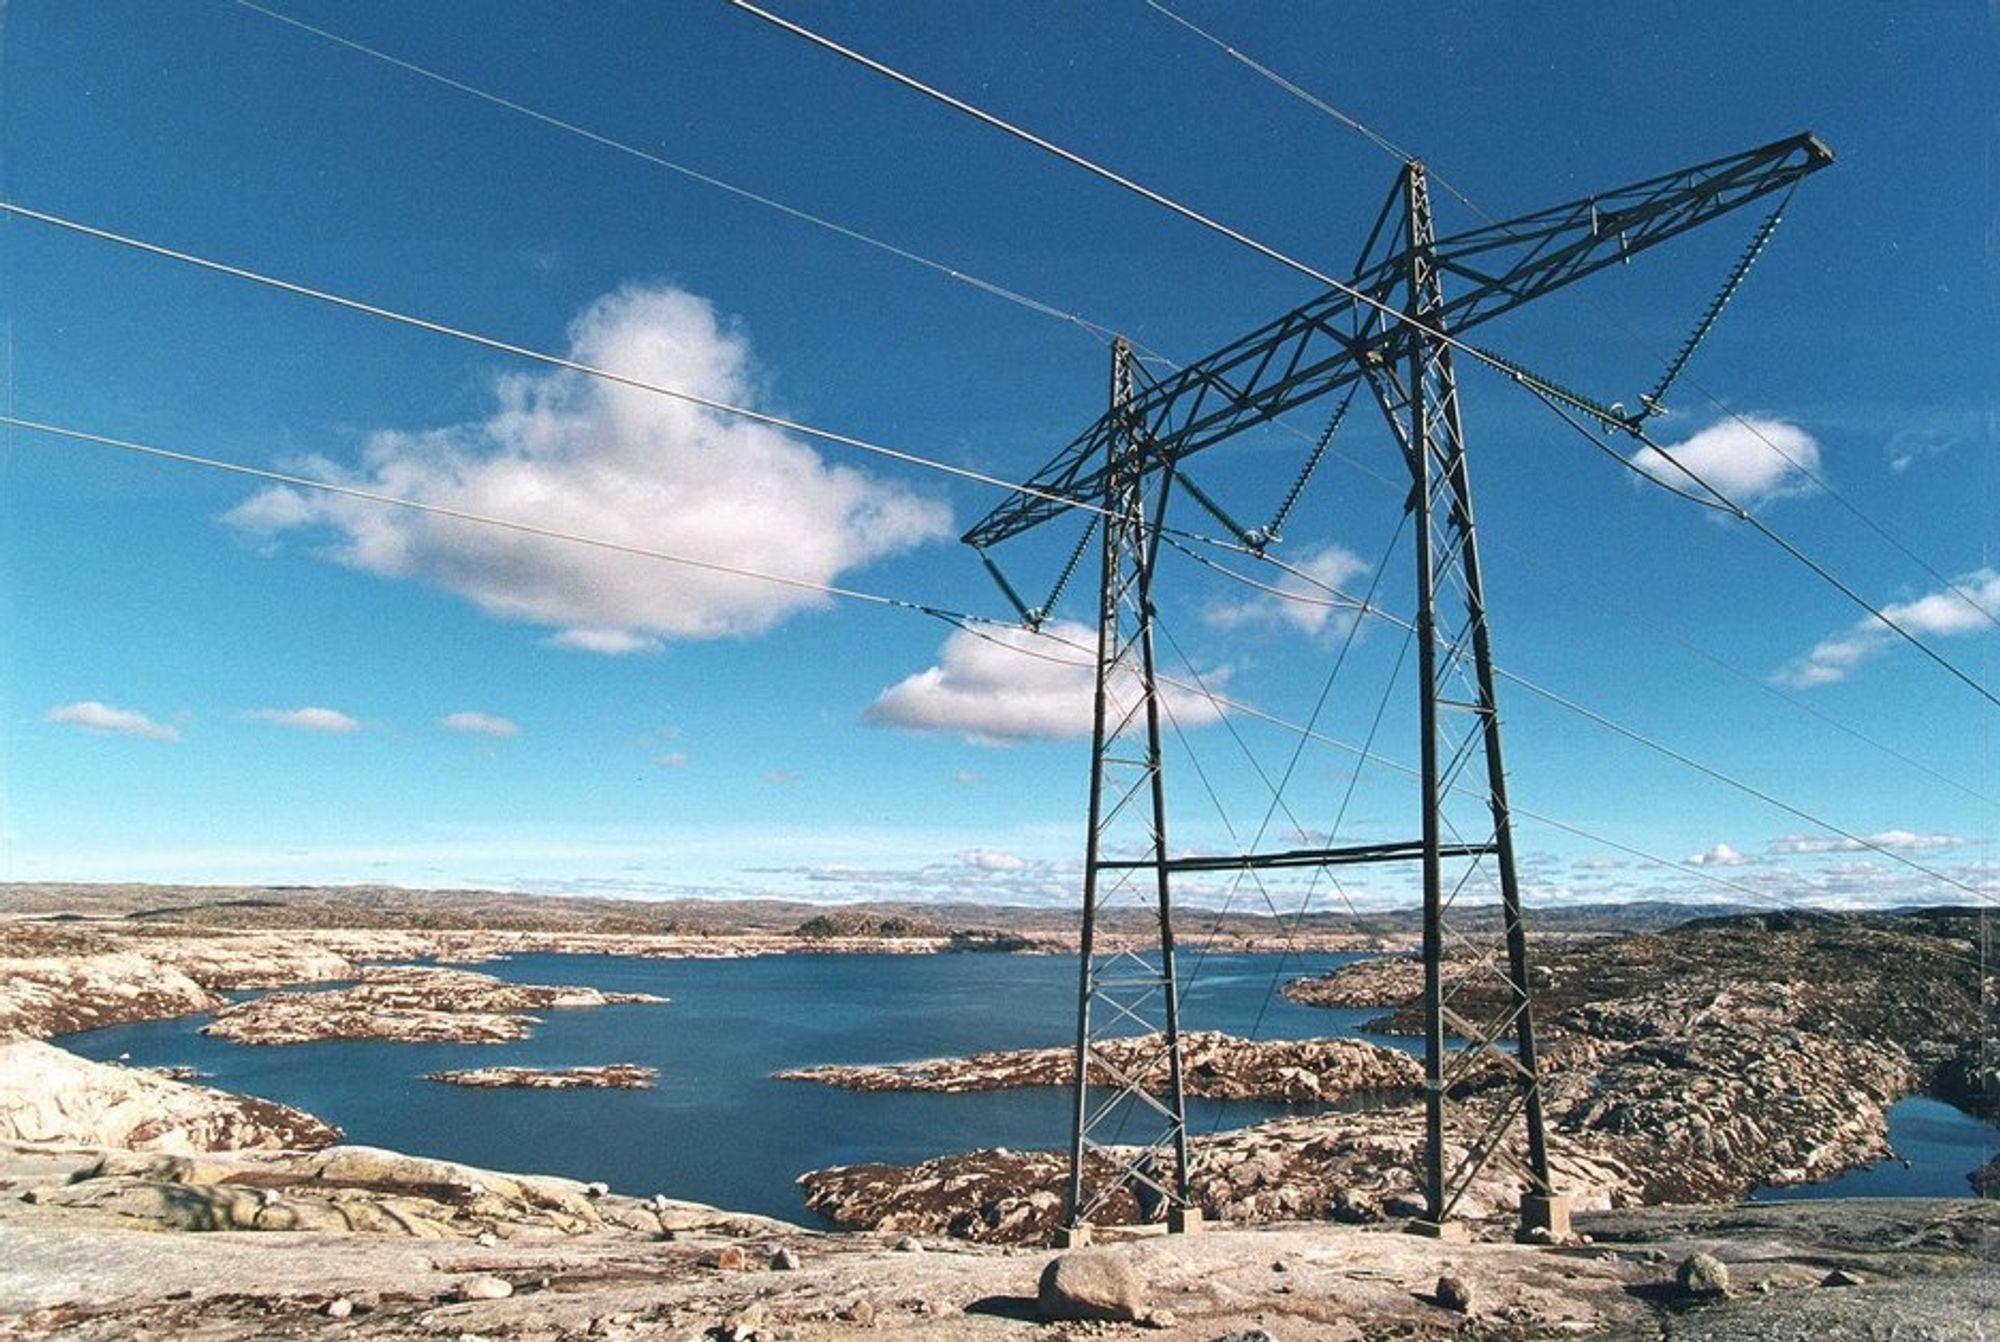 AKSEPT: Flere planlagte kraftlinjer på Vestlandet har blitt møtt med stor motstand, men resultatene viser at 70 prosent i Hordaland og 76 prosent i Sogn- og Fjordane støtter utbygging av kraftlinjer for å øke bruken av fornybar energi.